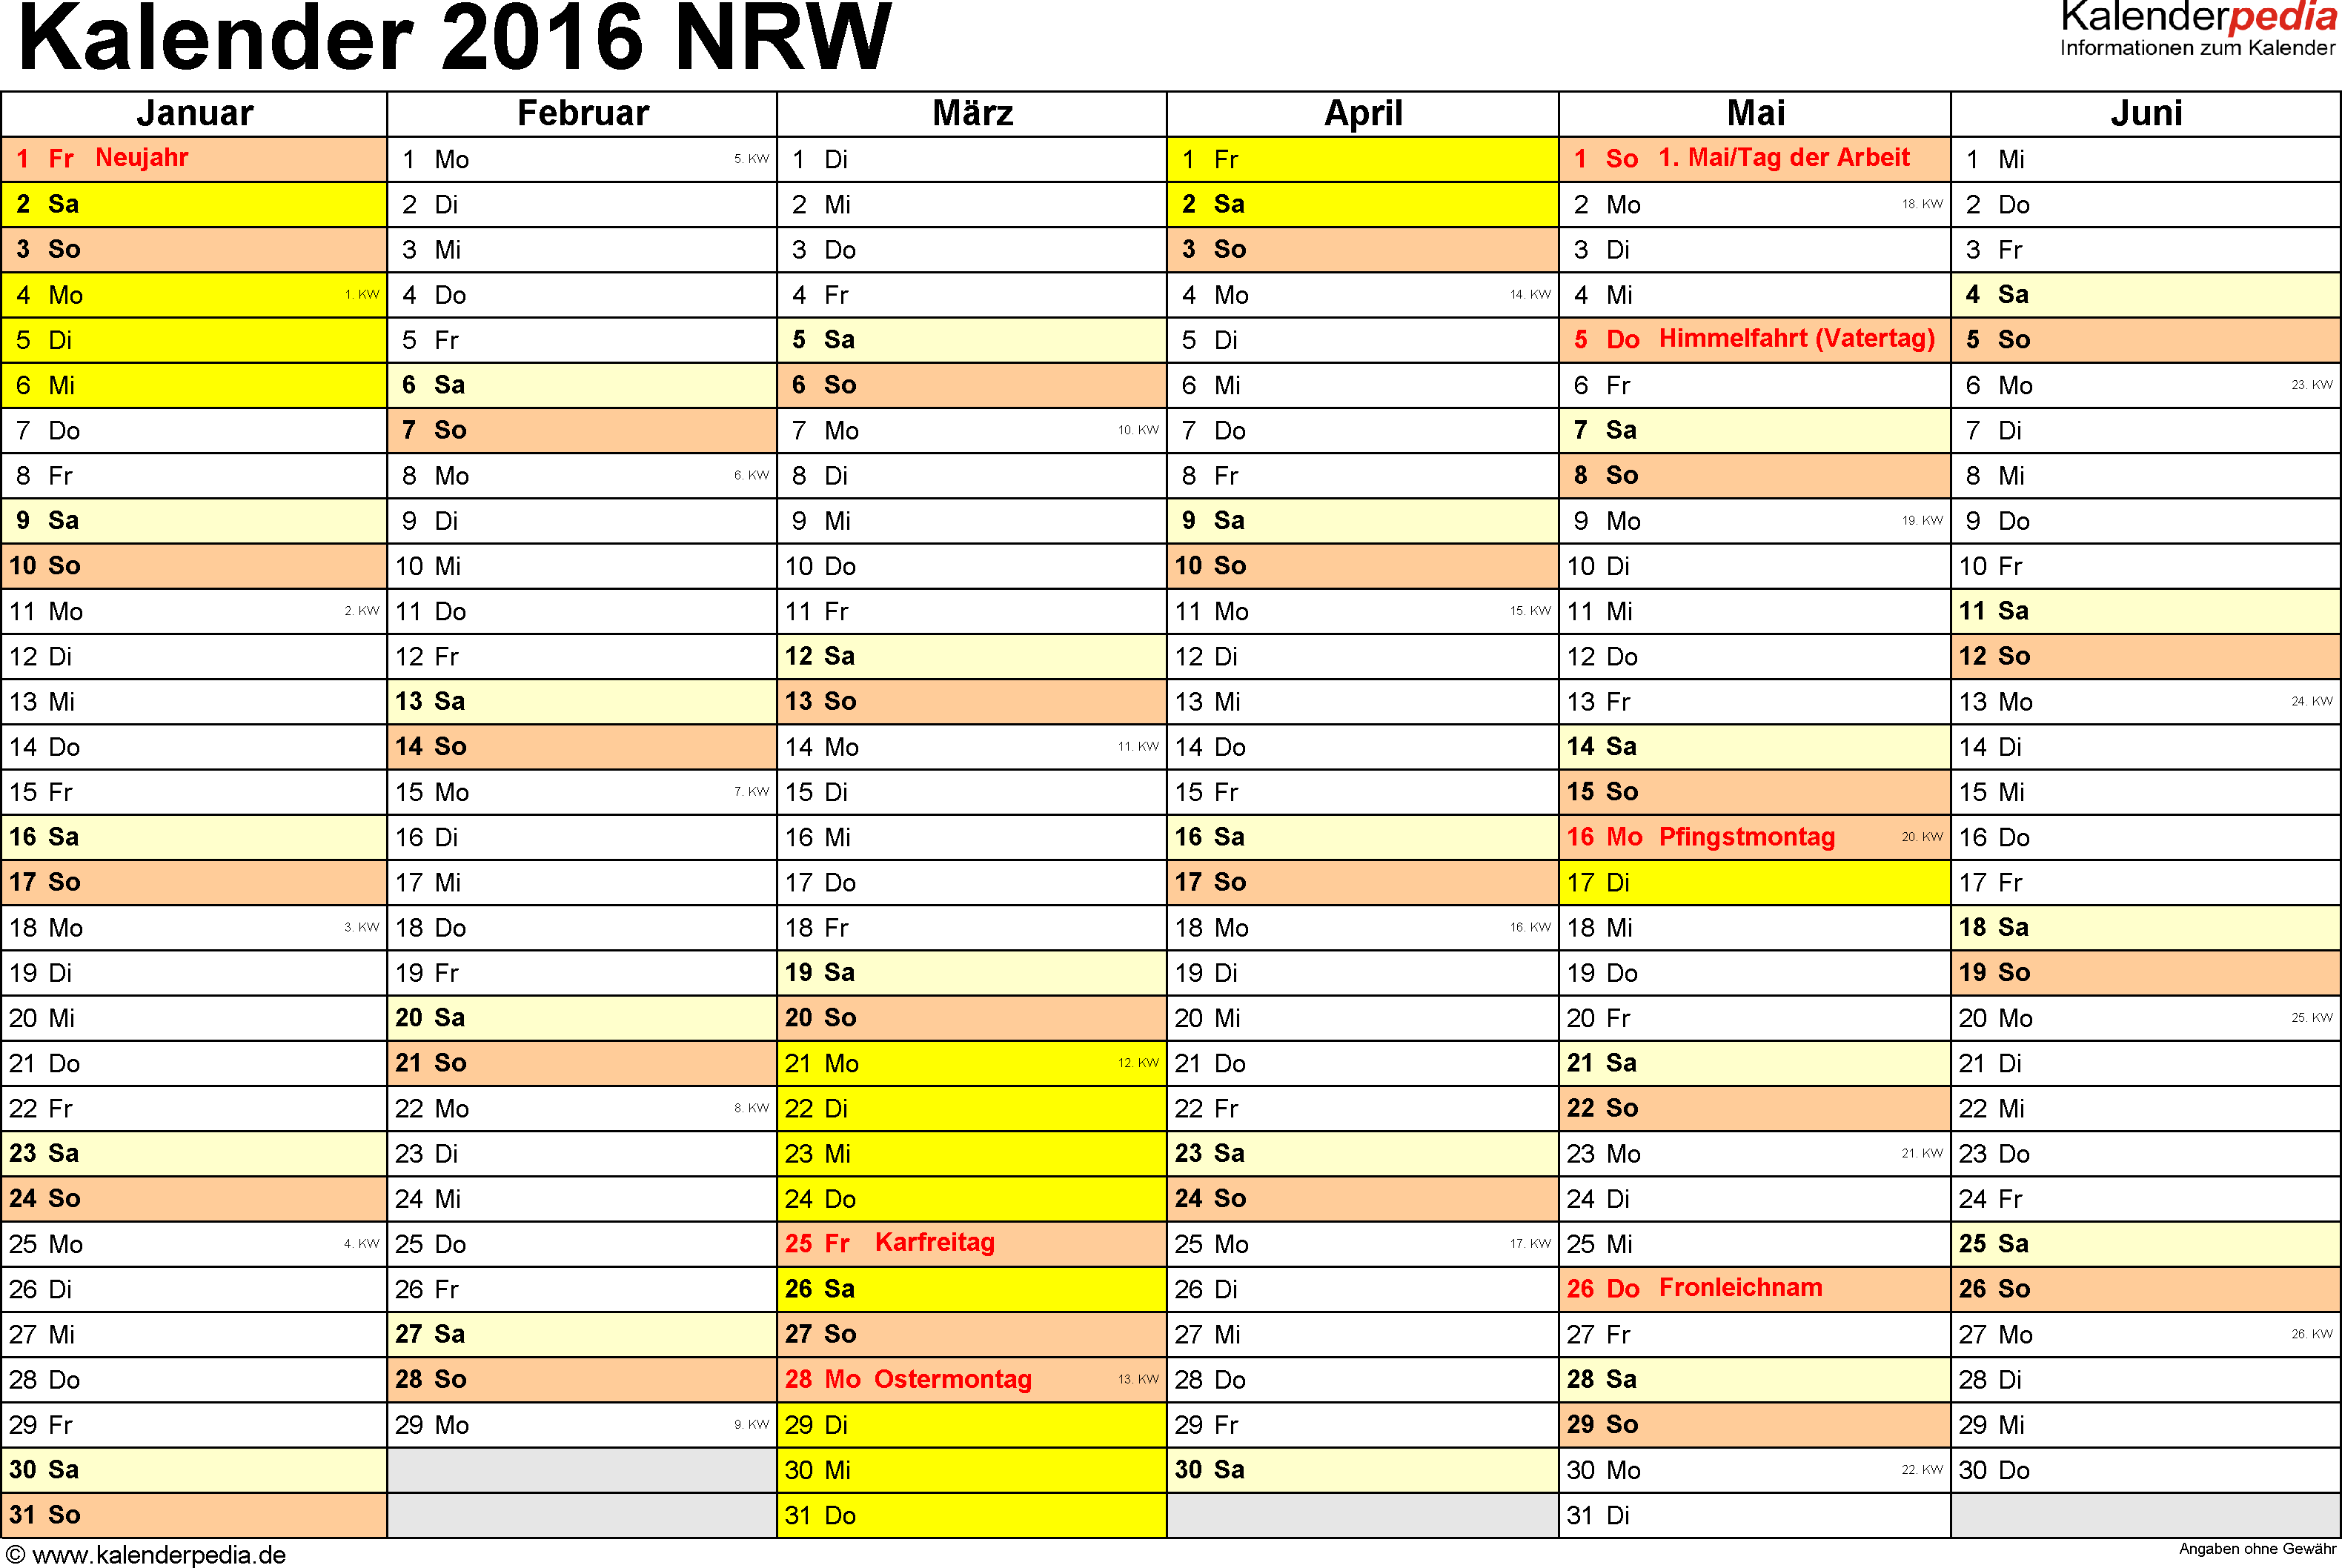 Vorlage 2: Kalender 2016 für Nordrhein-Westfalen (NRW) als Excel-Vorlage (Querformat, 2 Seiten)